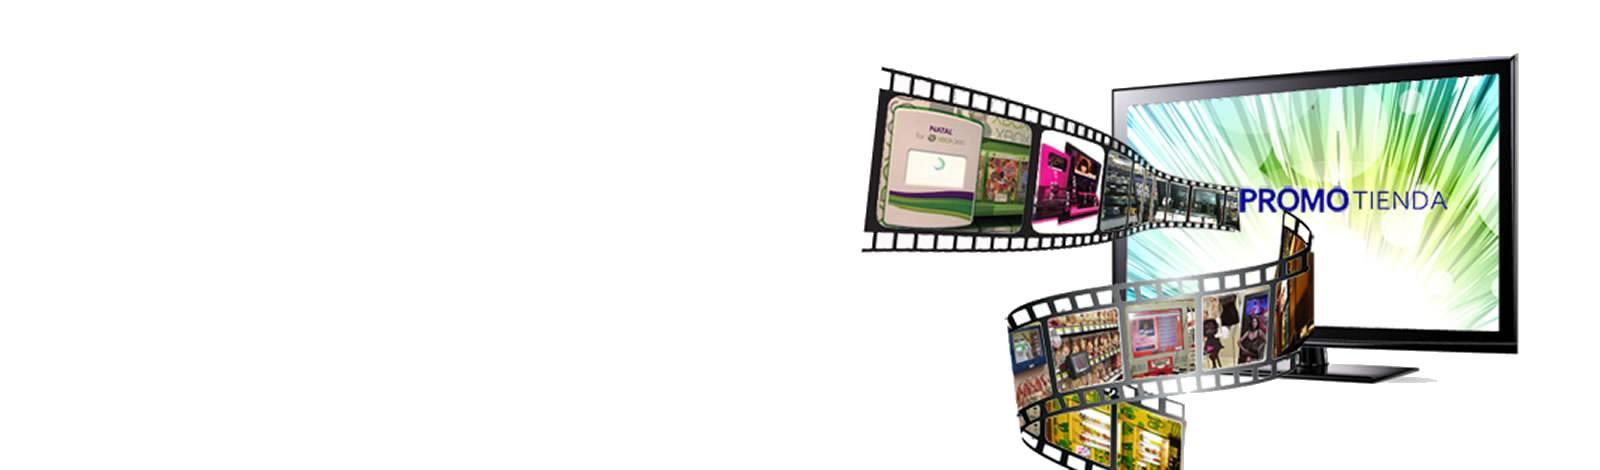 Videomonitores publicitarios en el punto de venta